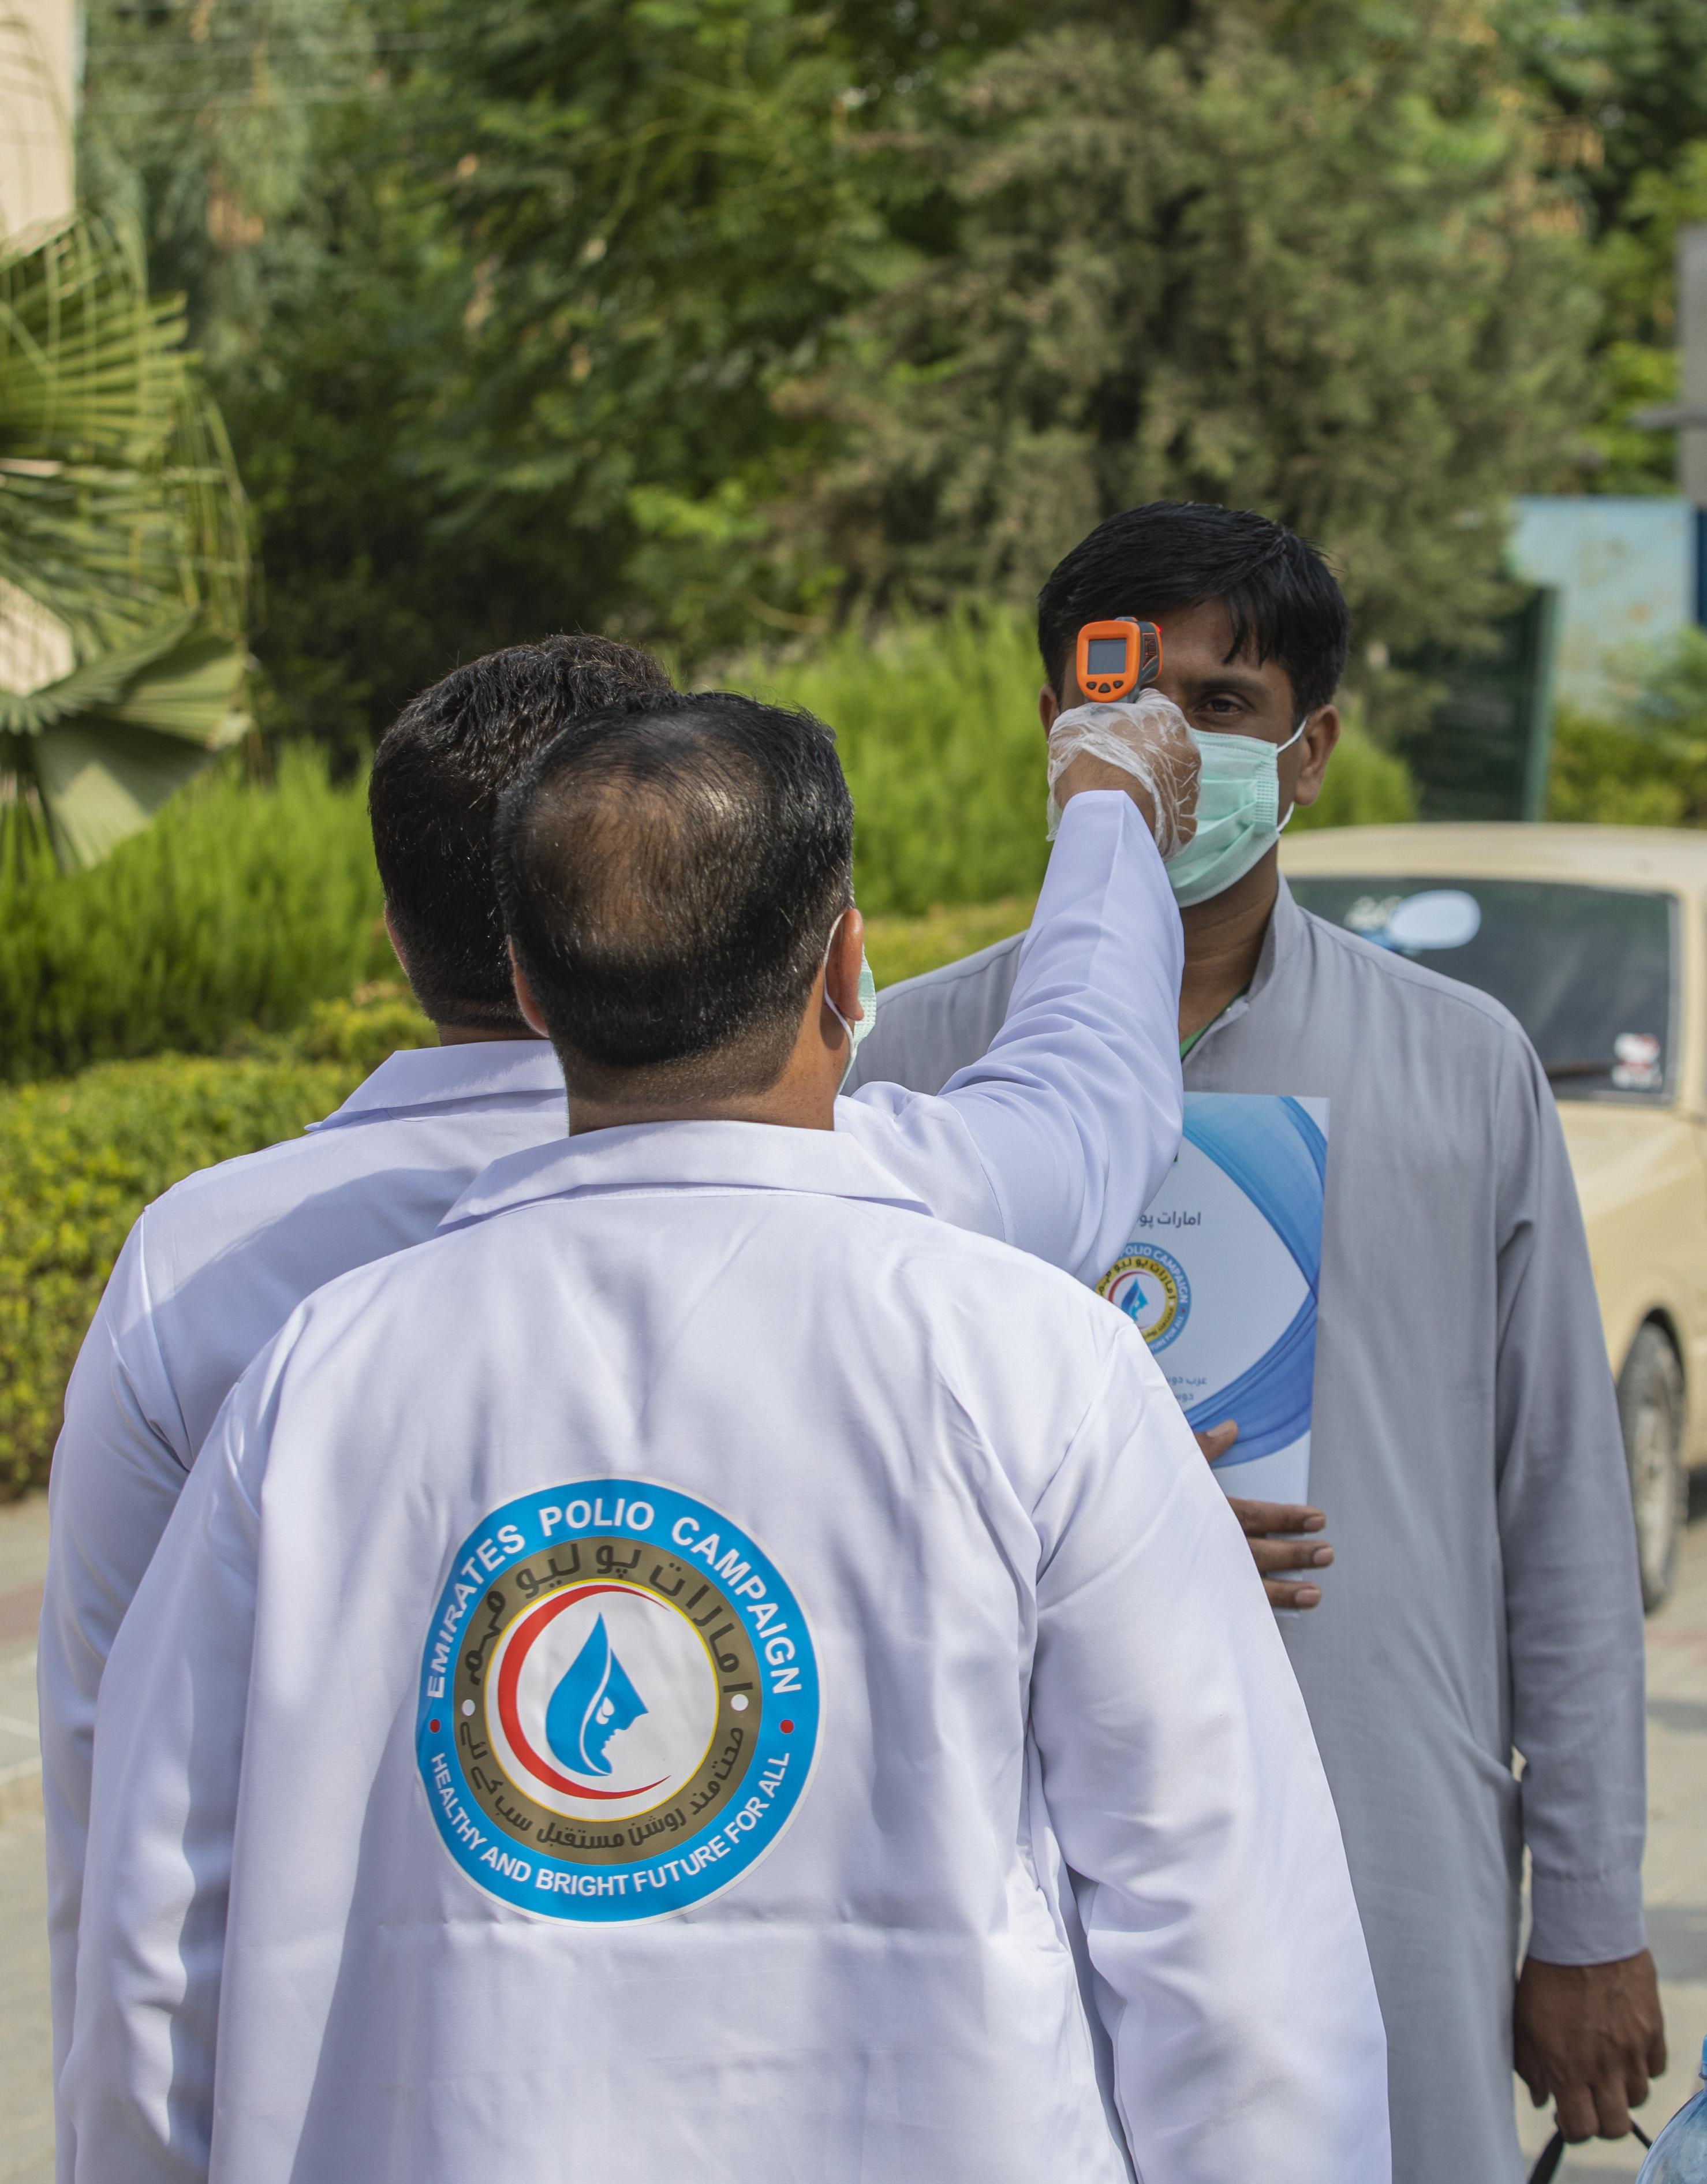 """ضمن مبادرة محمد بن زايد .. تنفيذ أول حملة على مستوى العالم لتطعيم الأطفال ضد شلل الأطفال في ظل """"كورونا"""""""